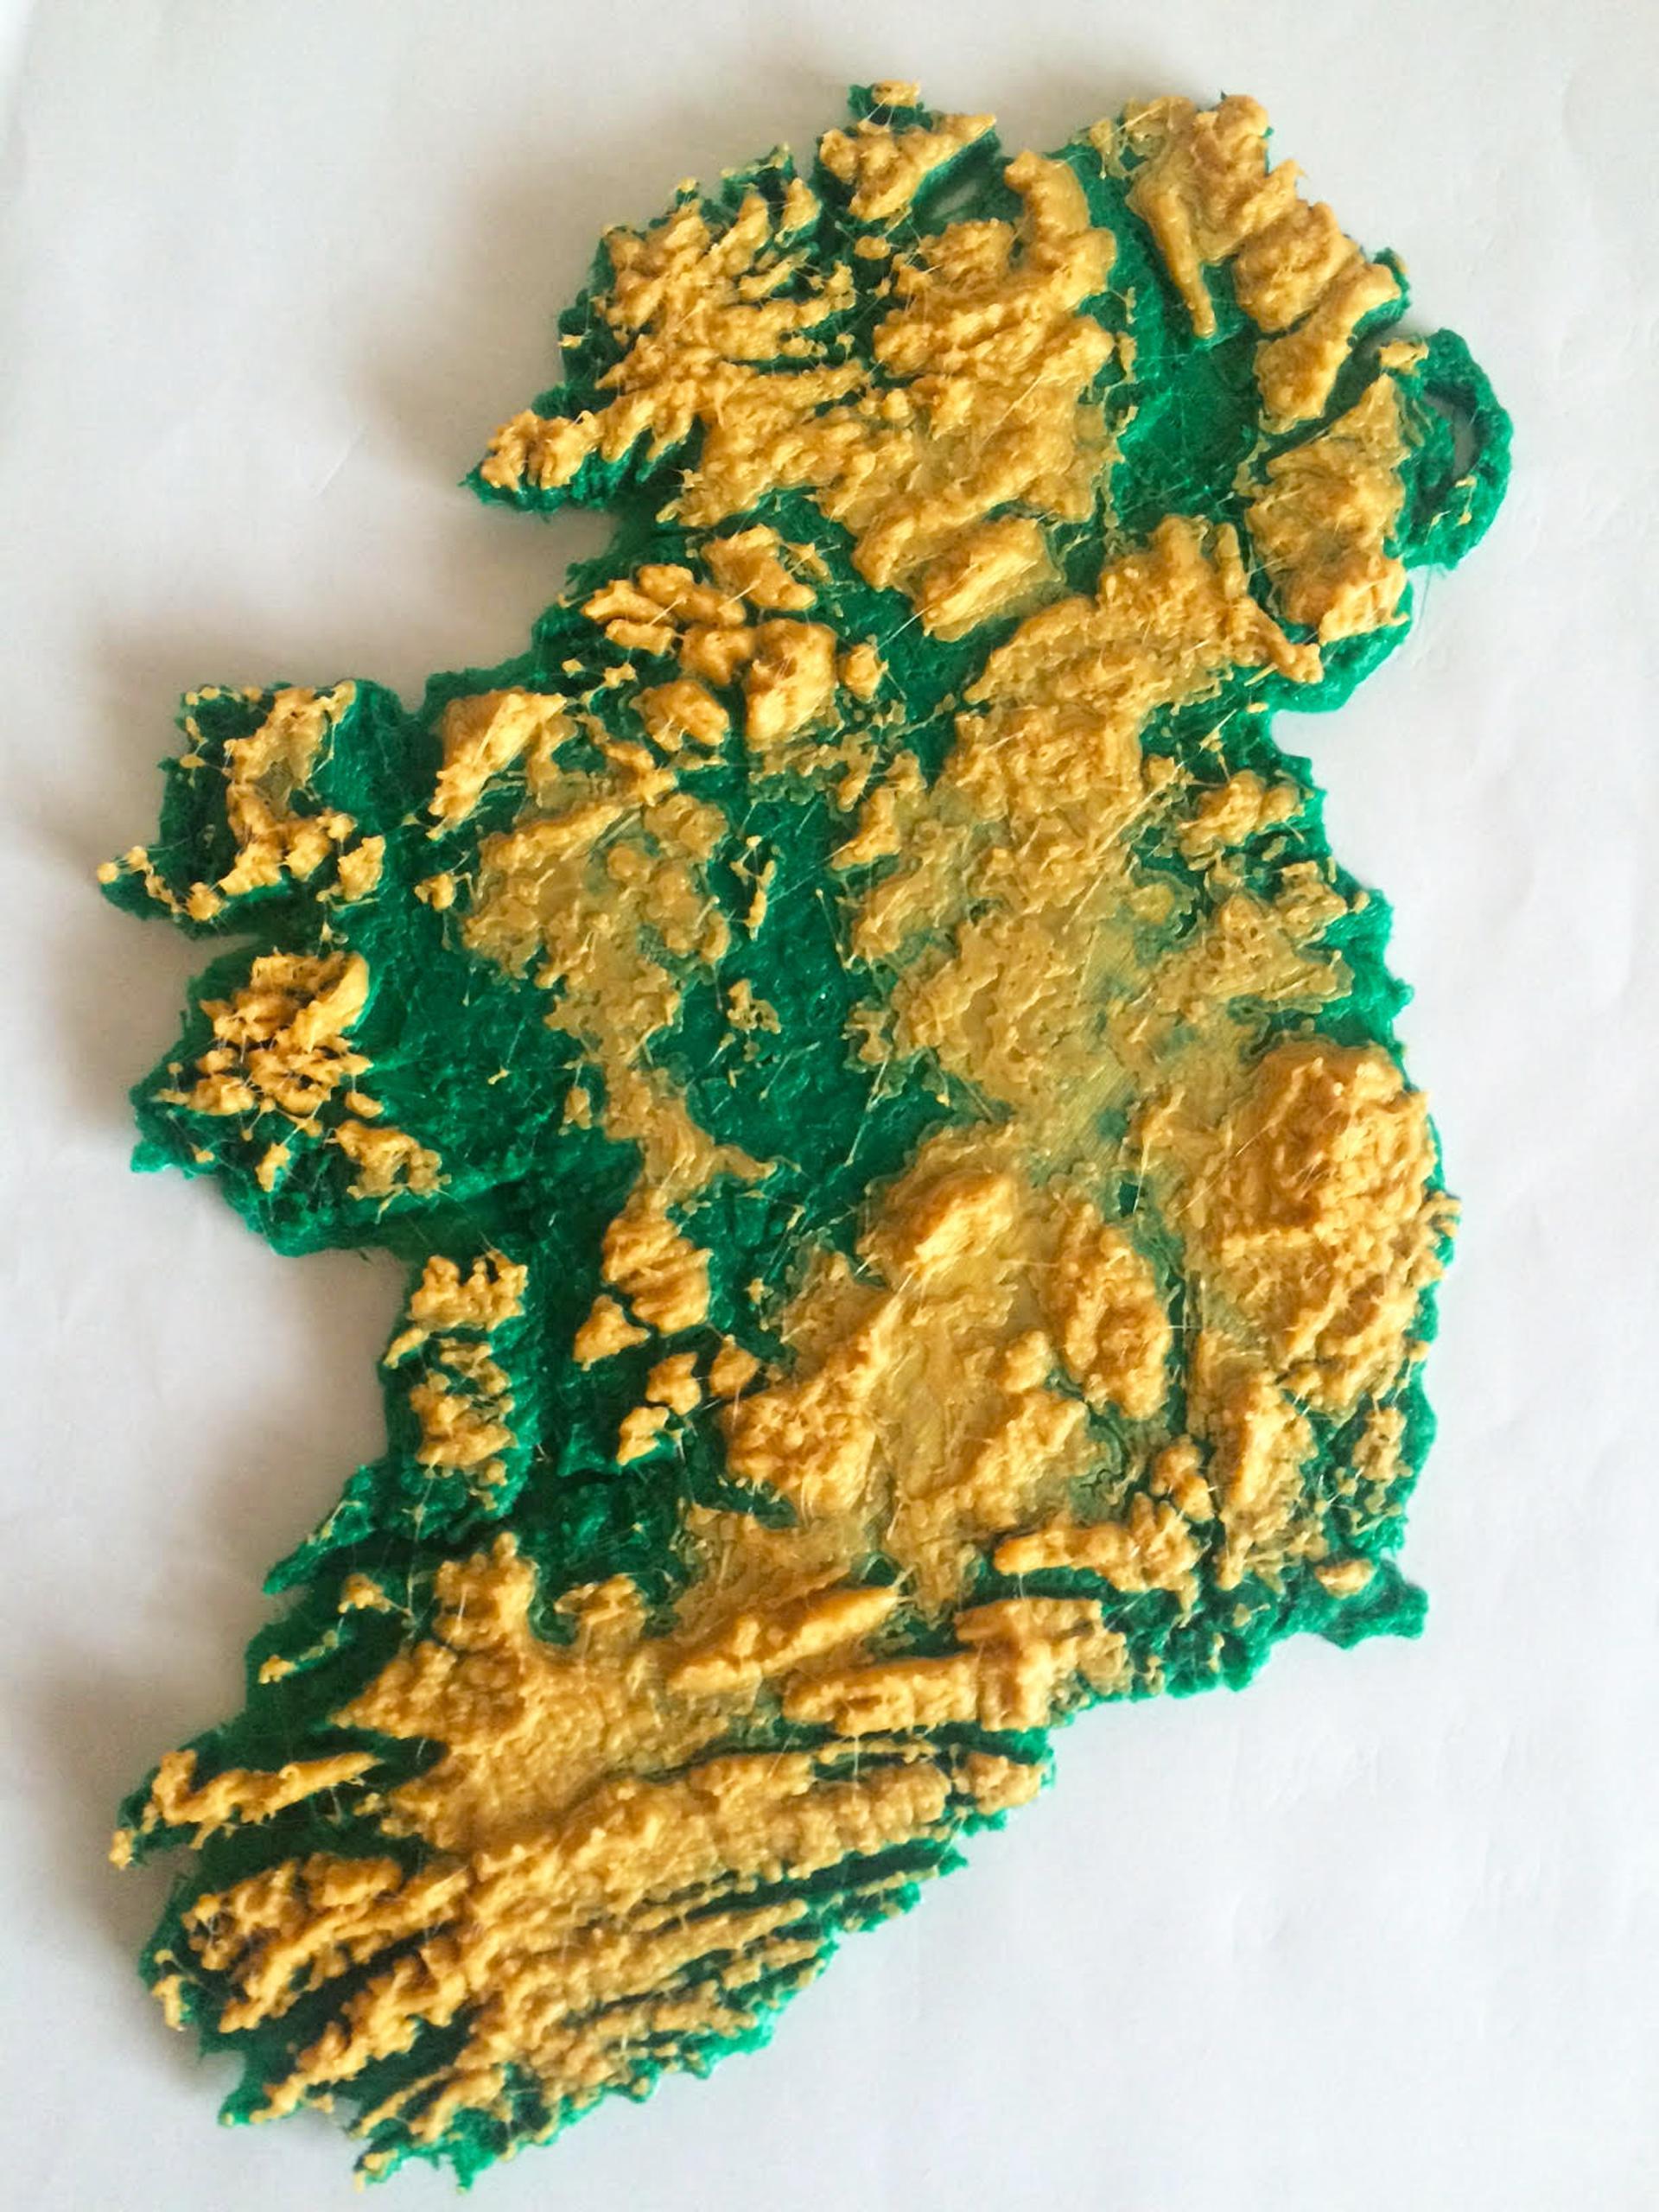 Map Of Ireland 3d.3d Zemėlapis Airija Map 3d Map Of Ireland Siaurės Europoje Europa